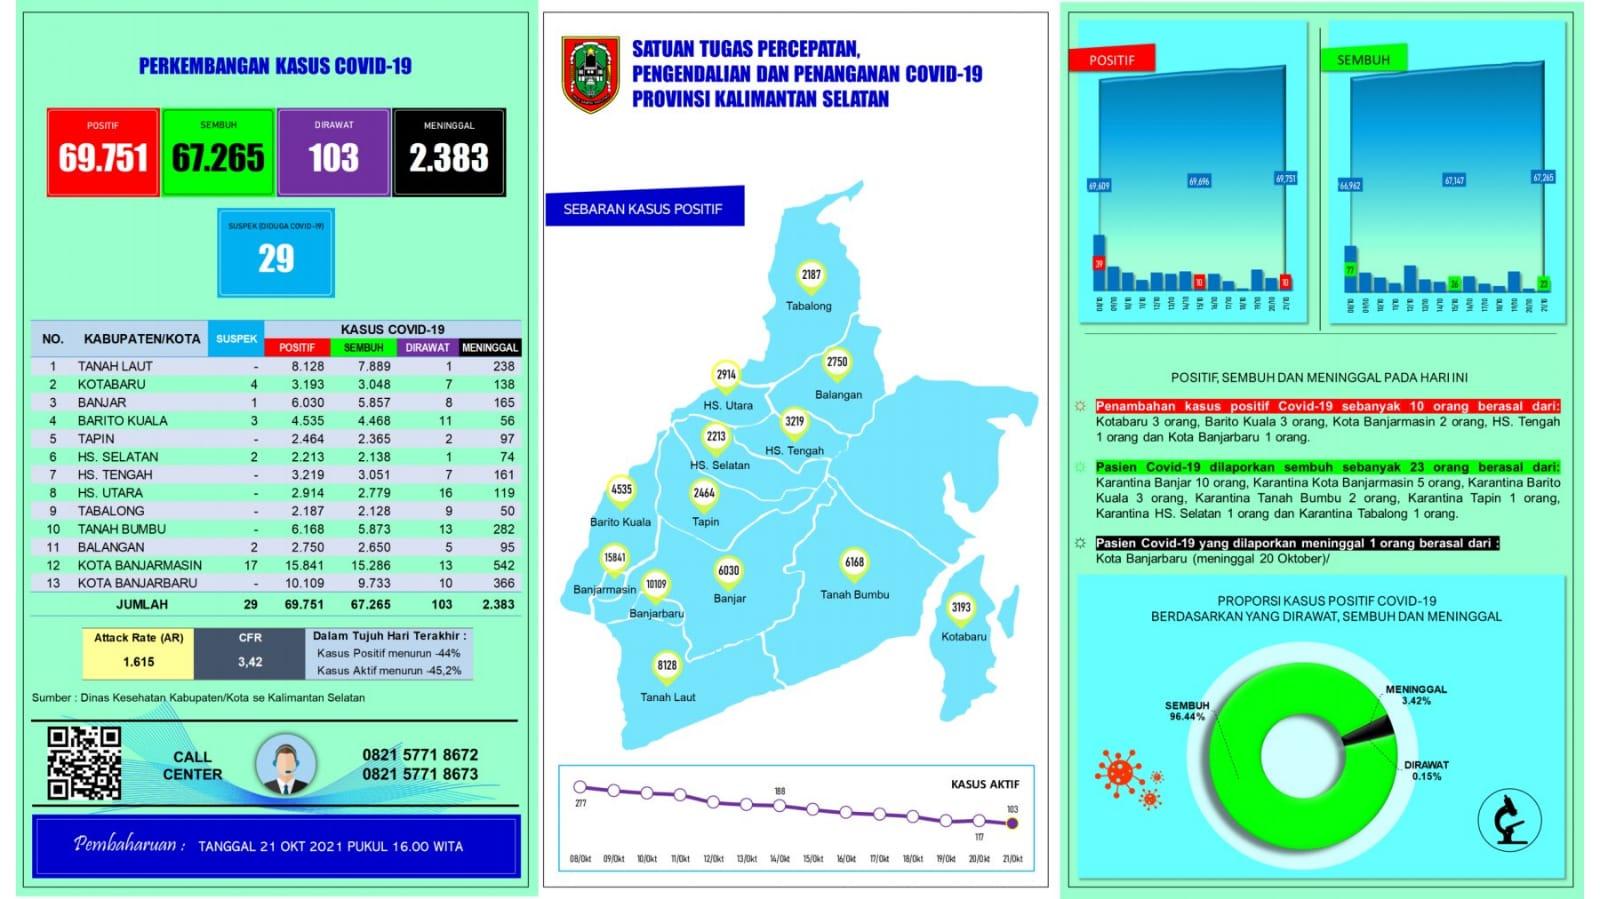 Informasi Terbaru Covid 19 di Kalimantan Selatan Kamis 21 Oktober 2021